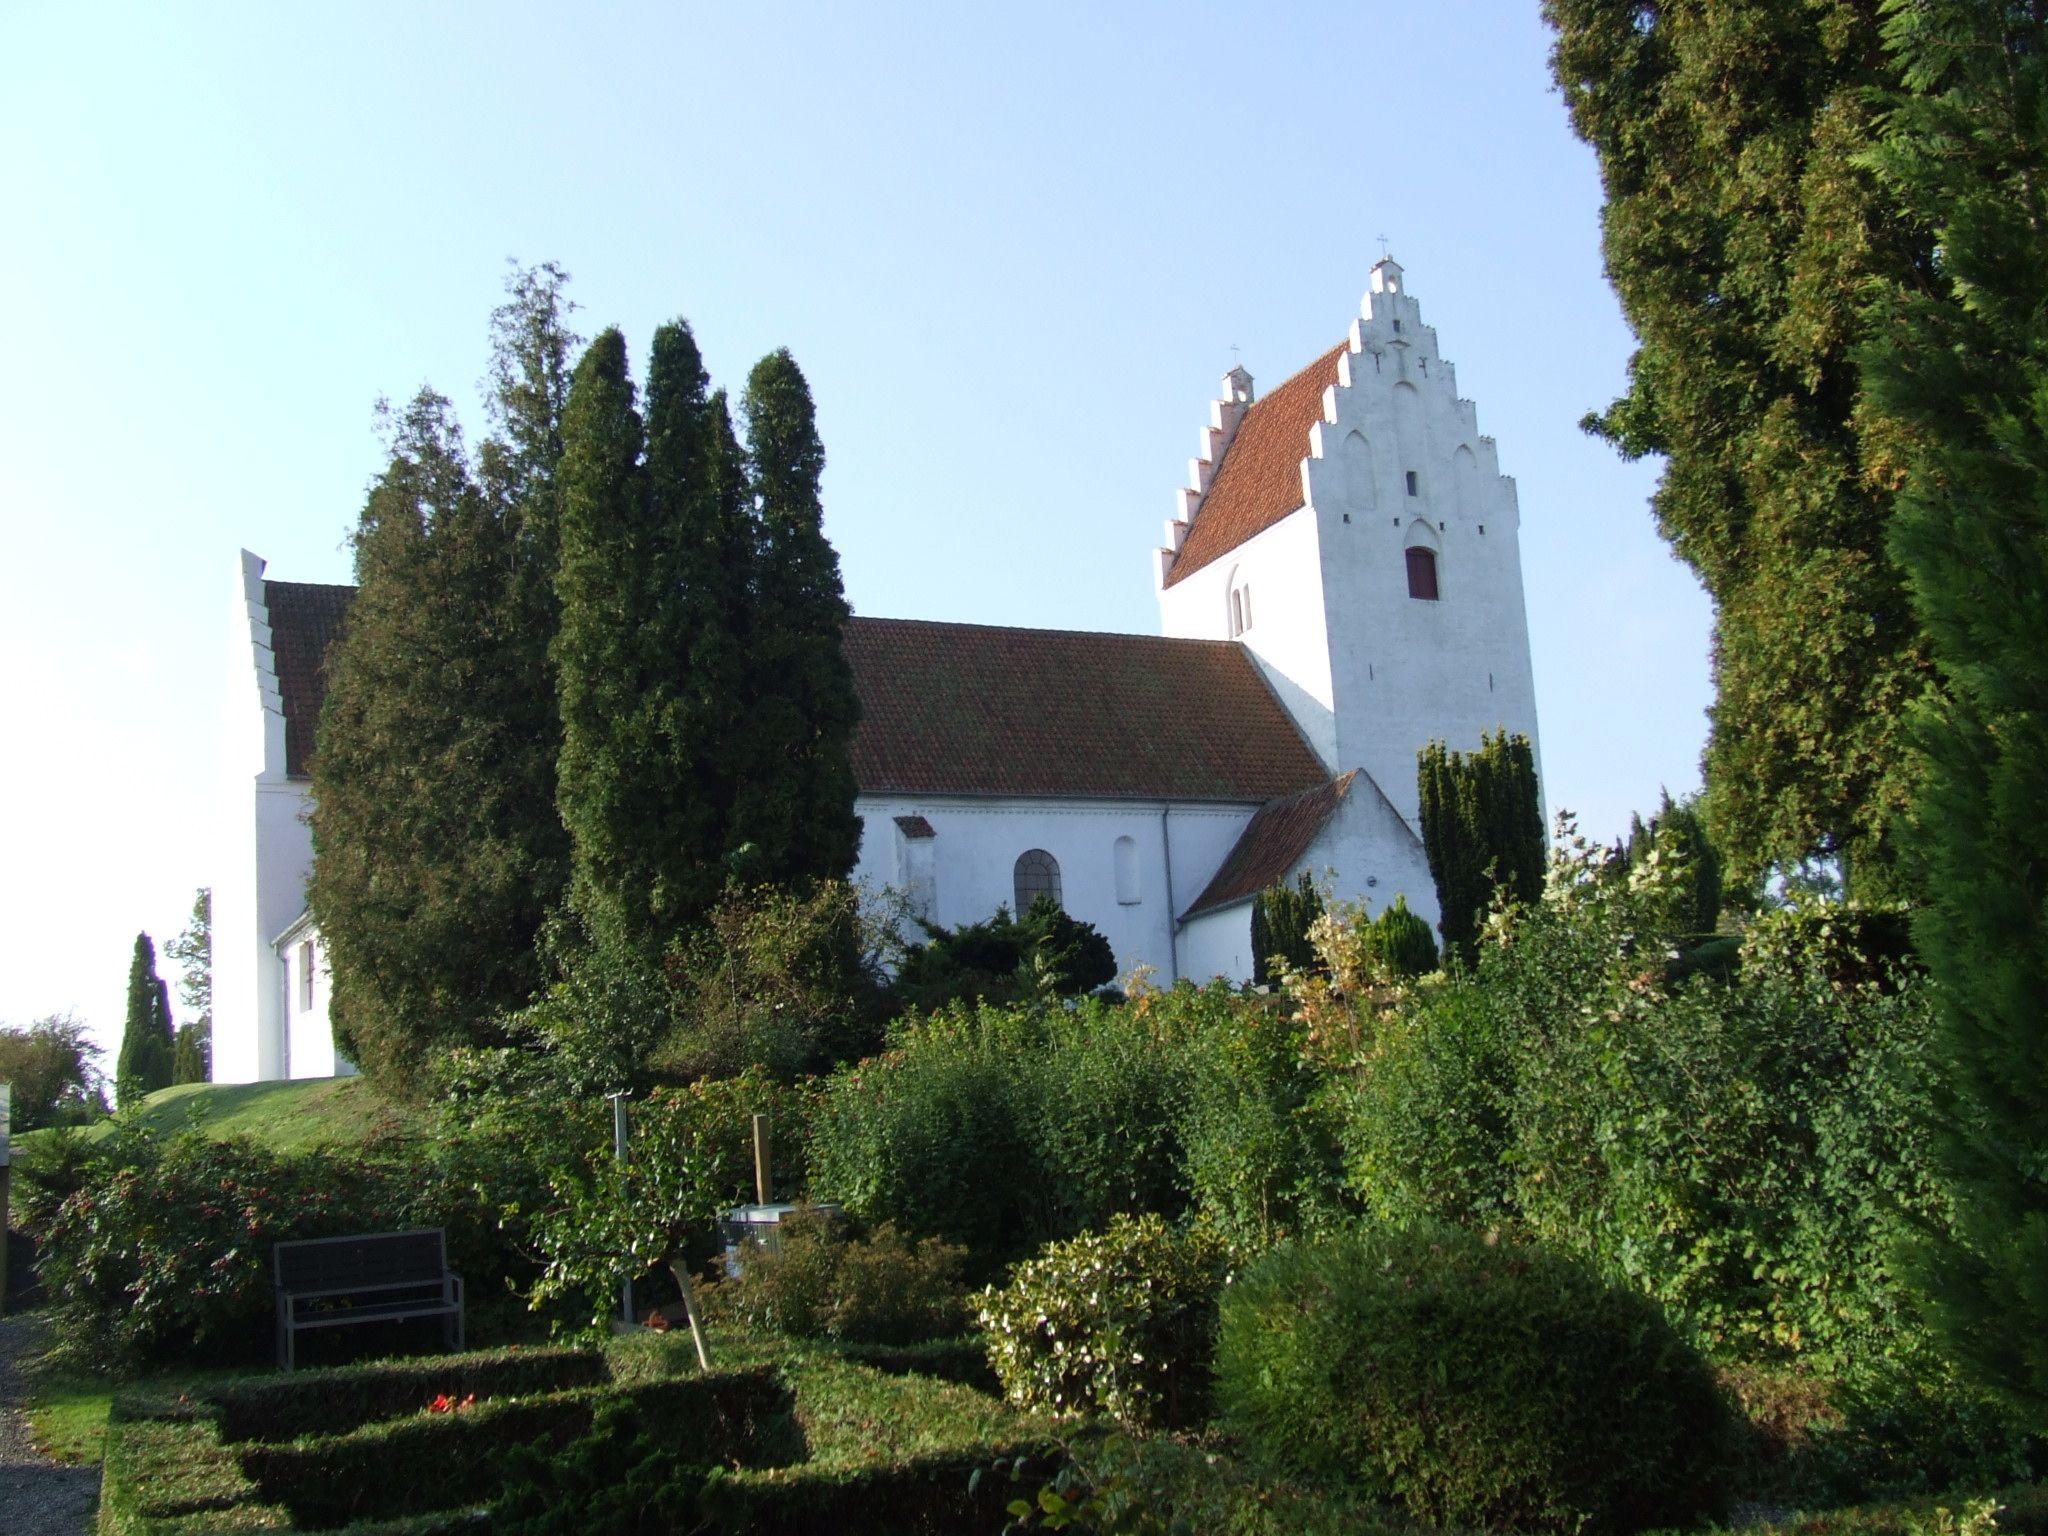 Oster Egesborg Kirke Oster Egesborgvej 6 4735 Mern Kirke